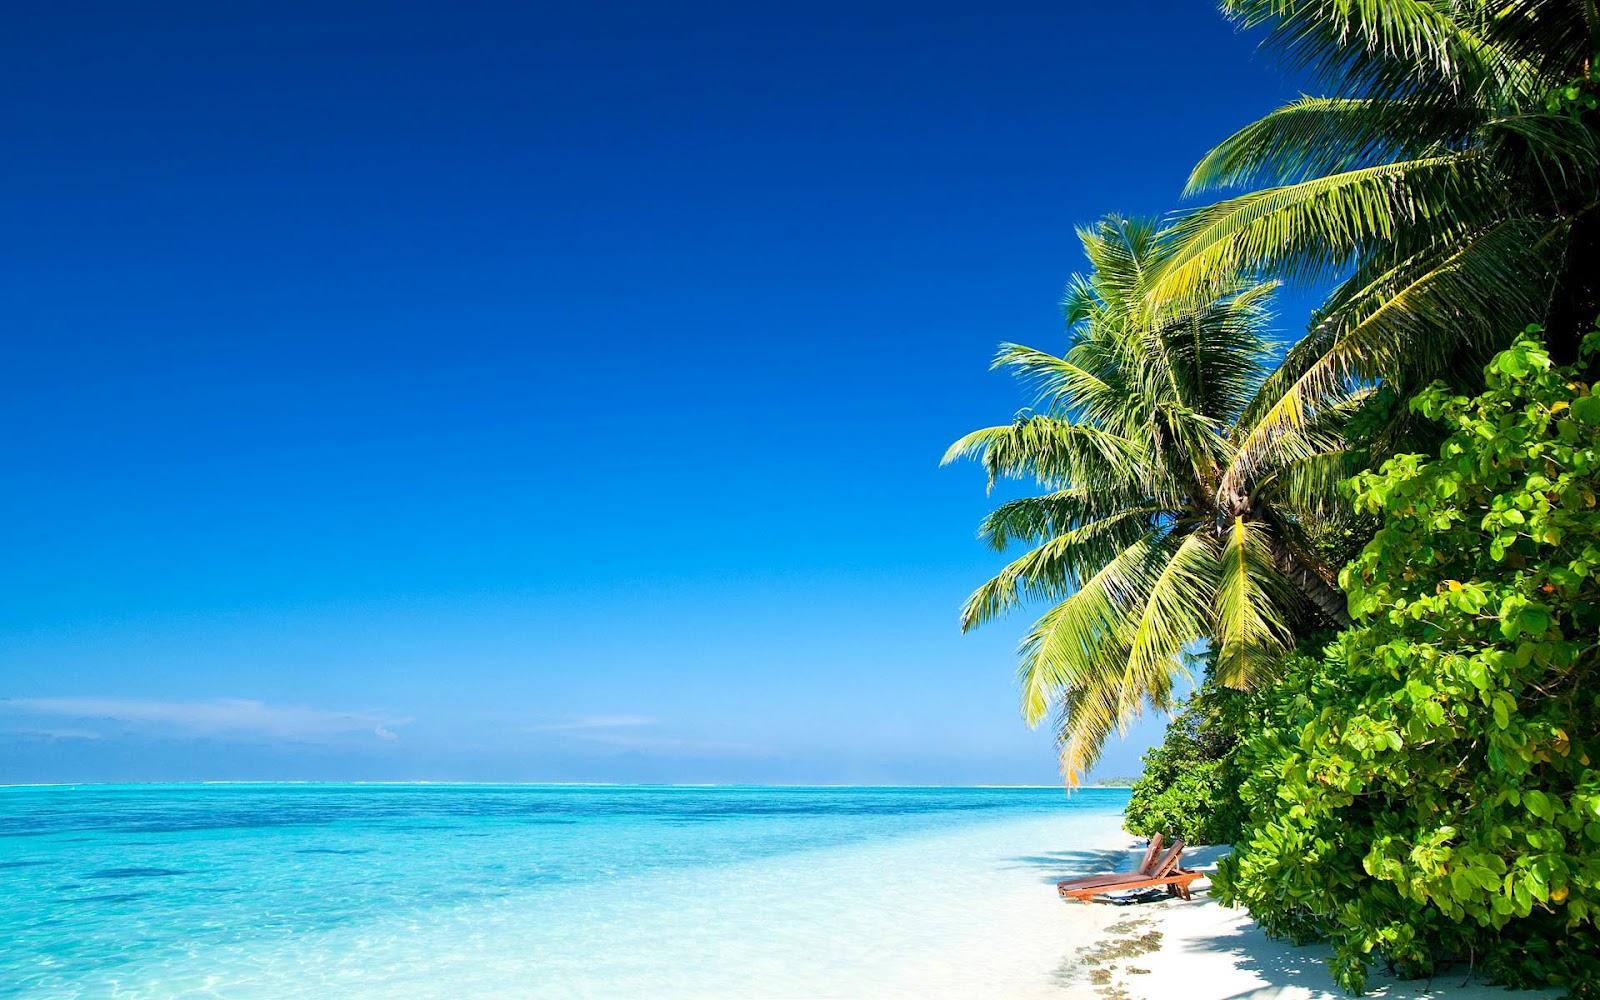 40 prachtige zomer achtergronden | Bureaublad Achtergronden